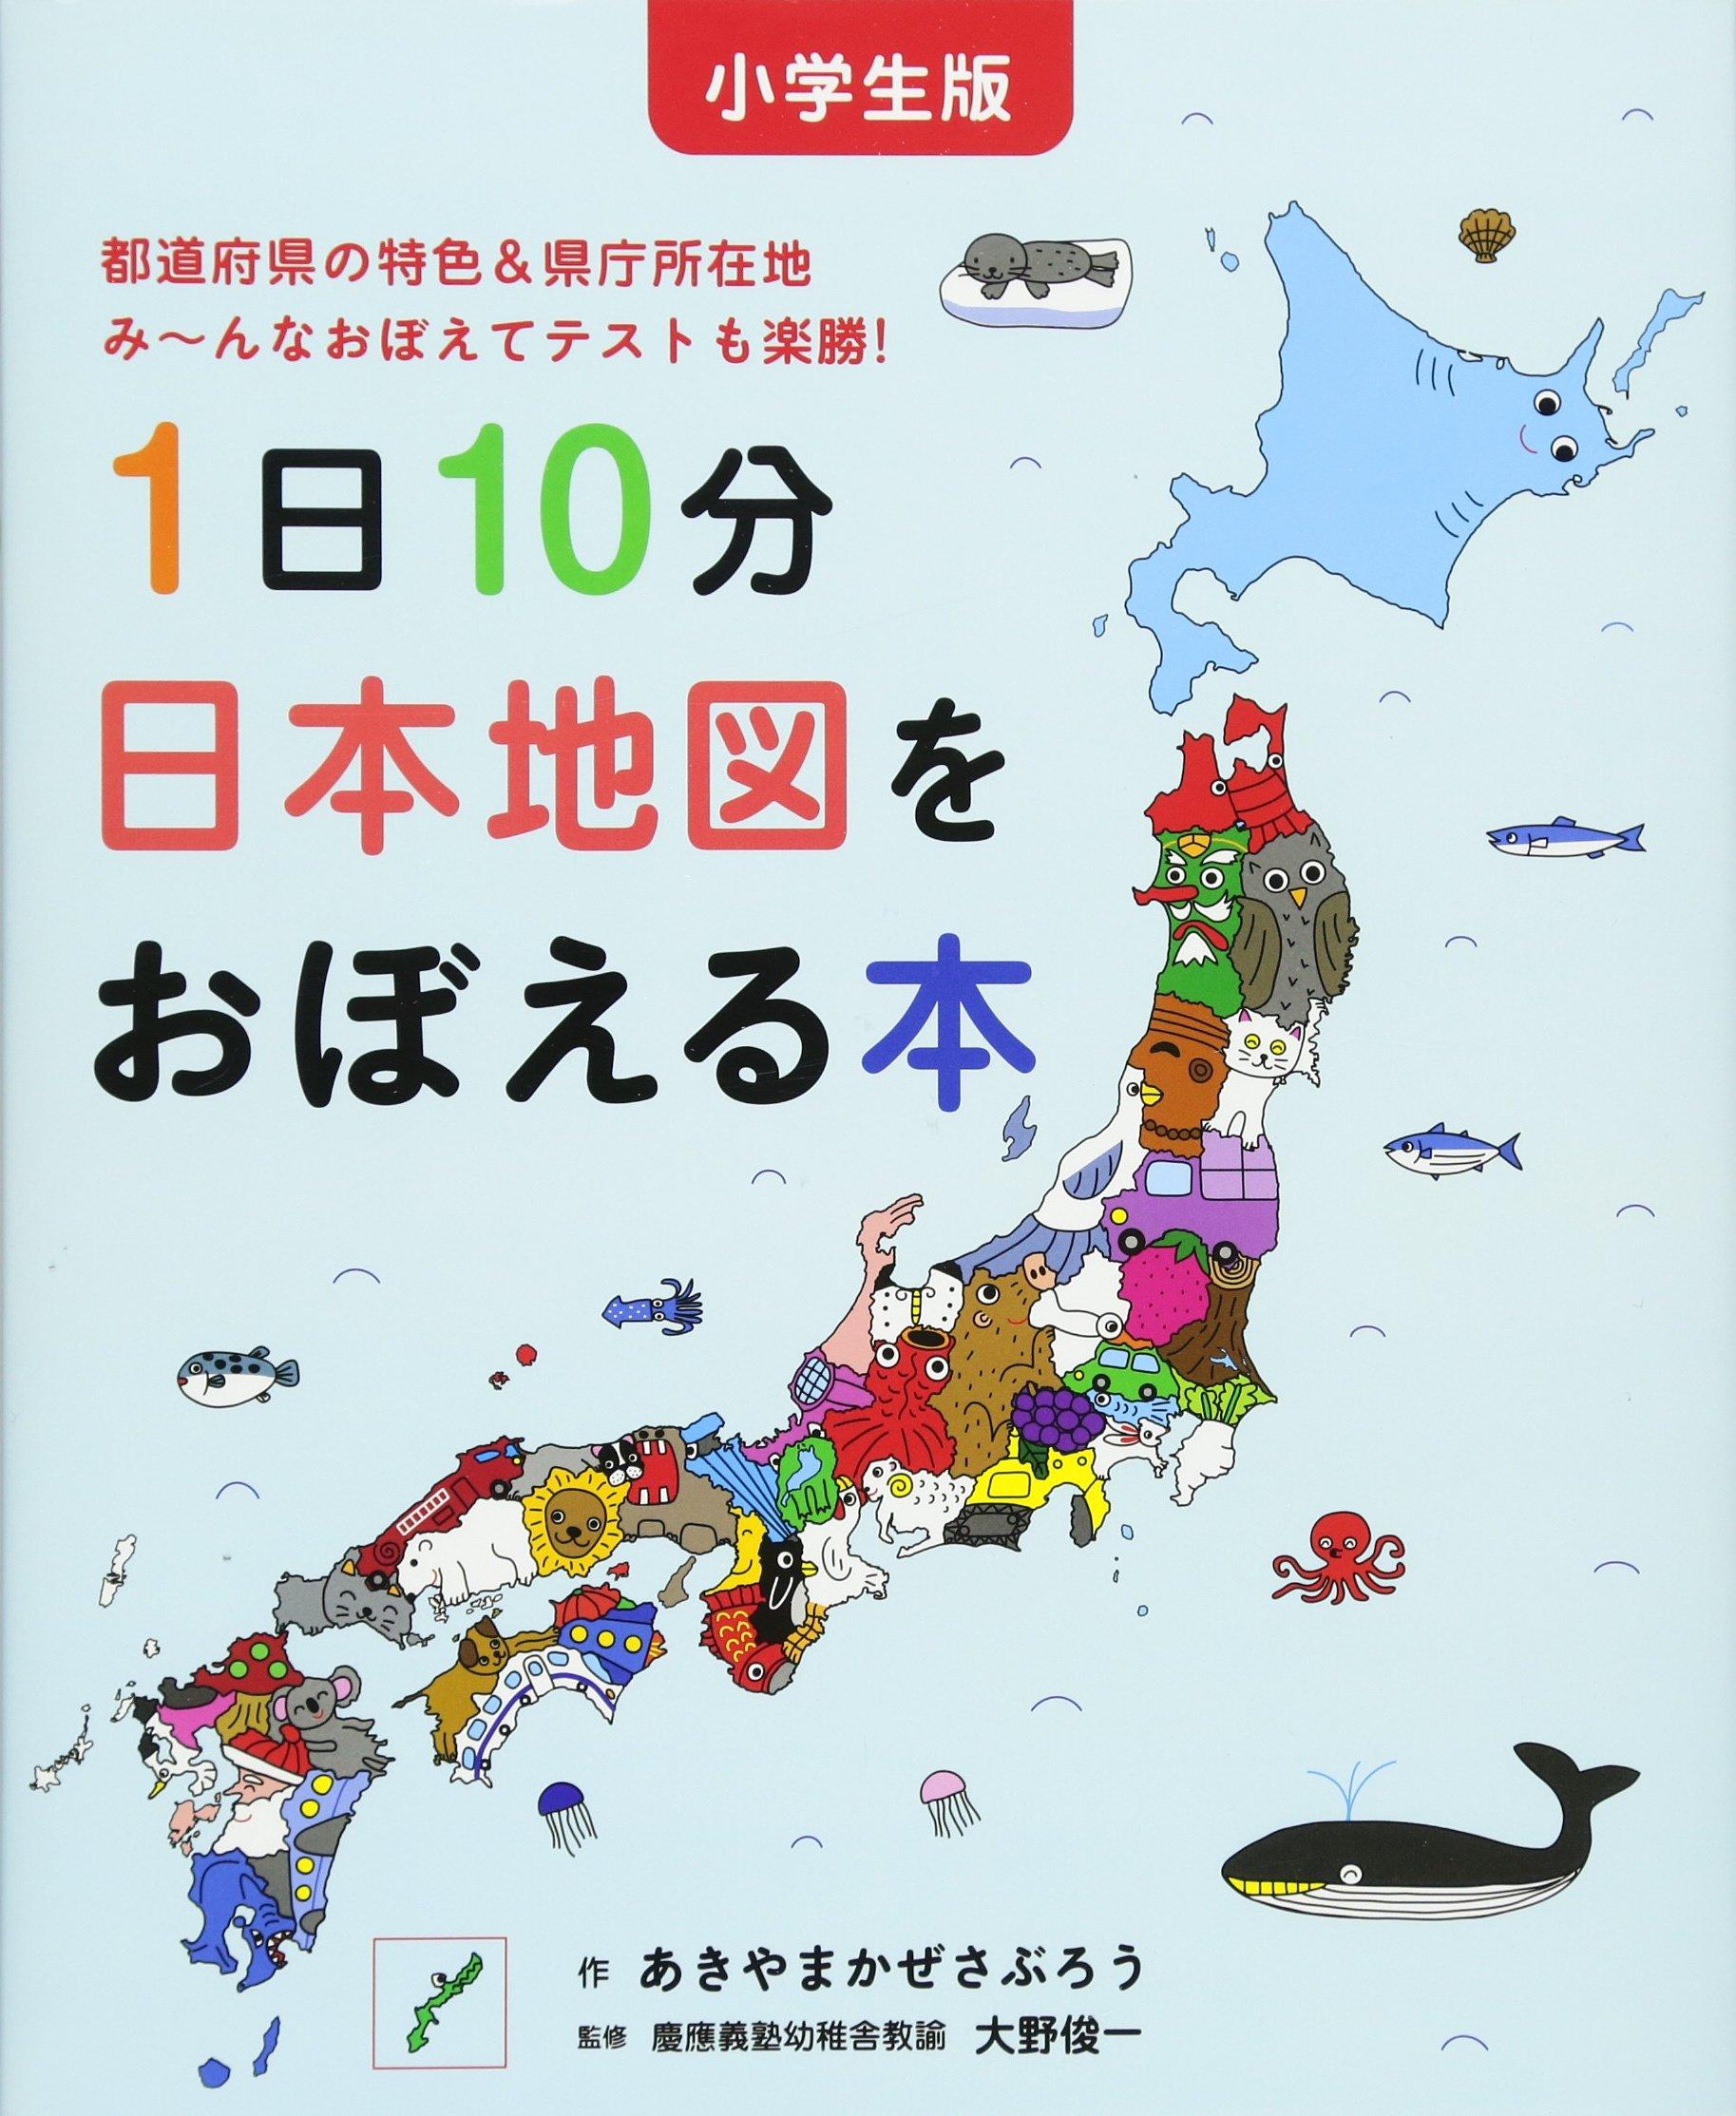 日本 コロナ 地図 感染